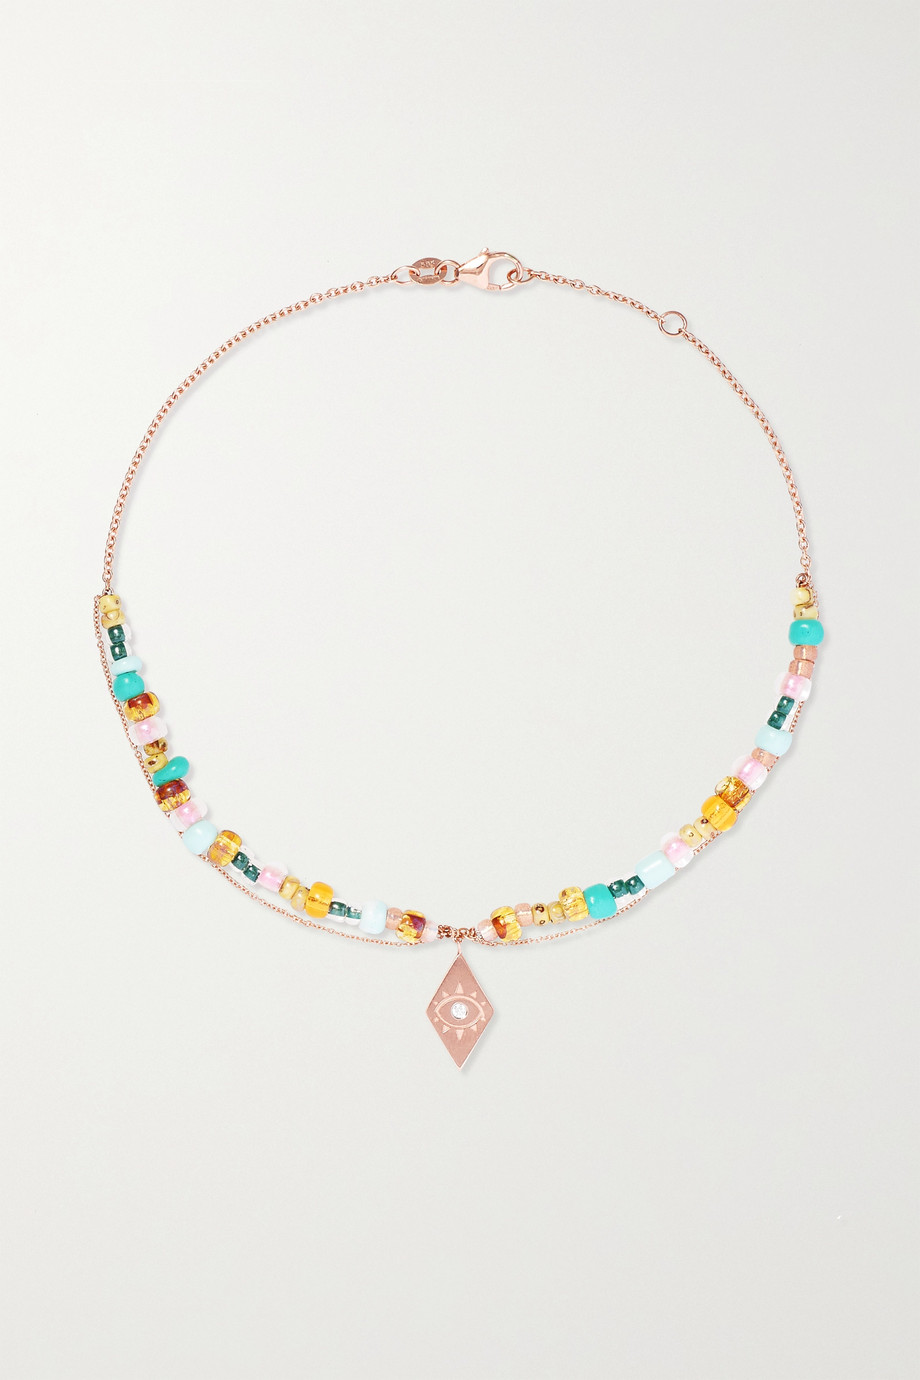 Diane Kordas 14-karat rose gold, enamel, amber and diamond anklet